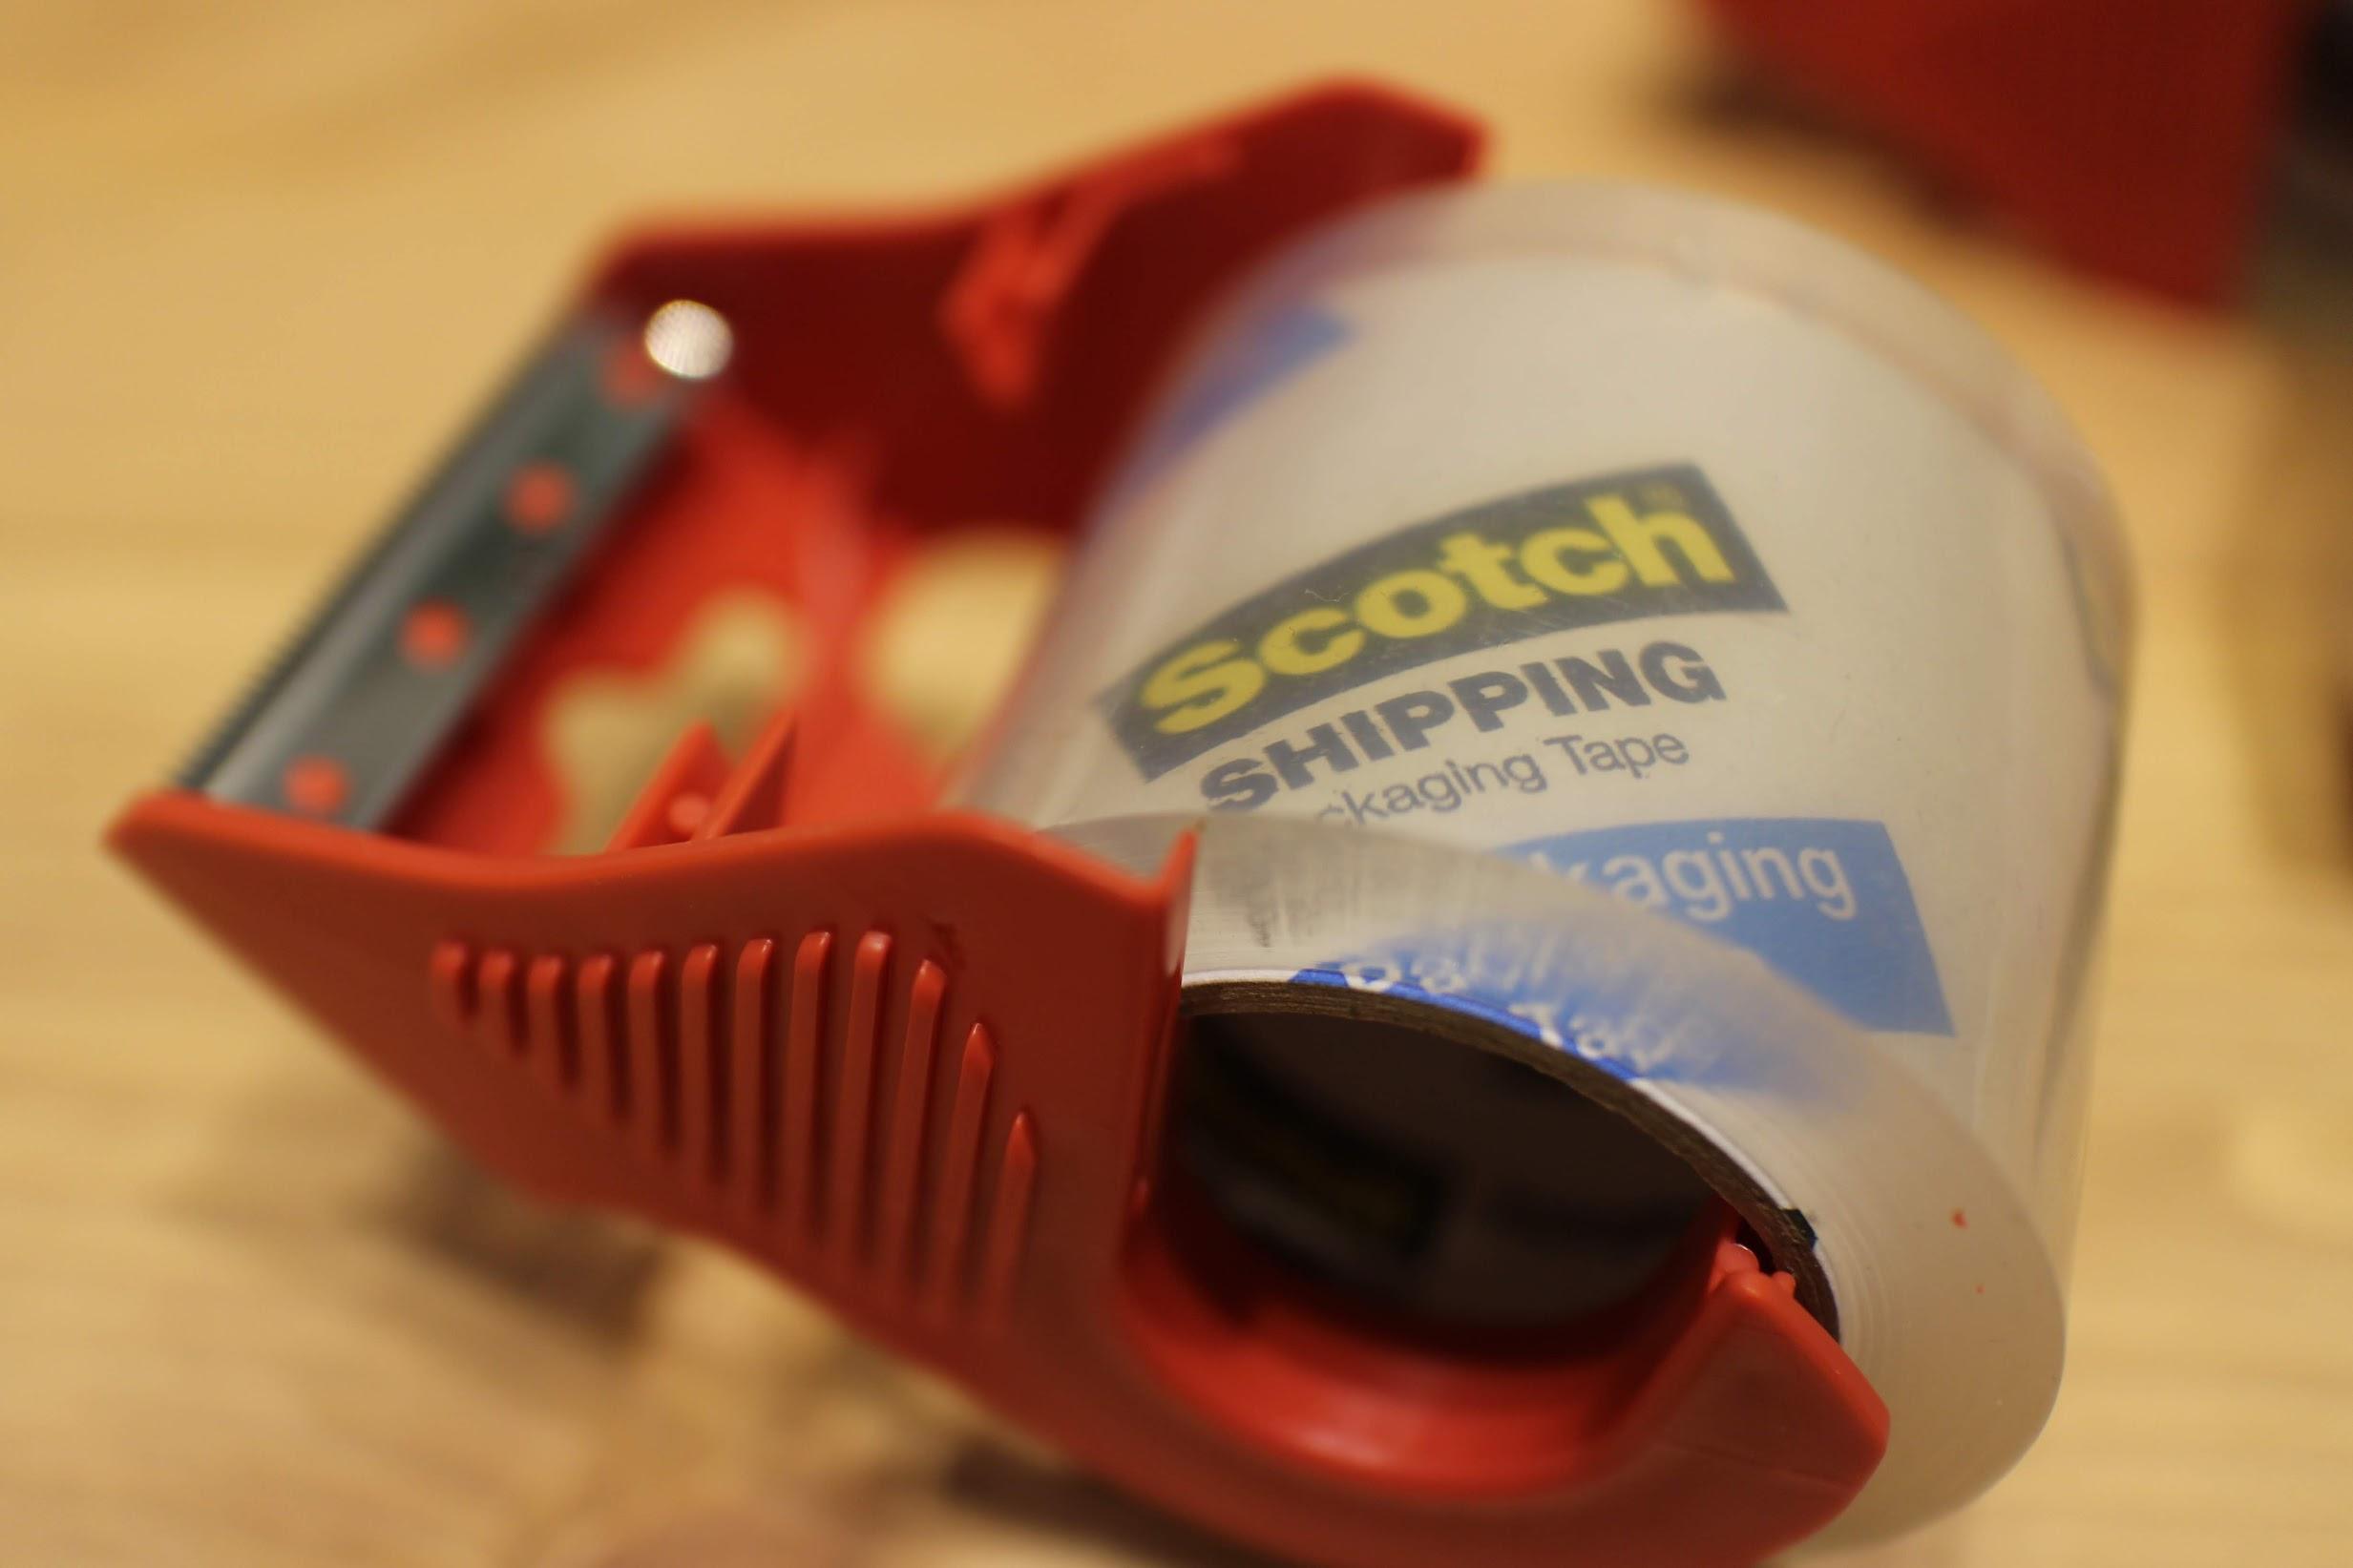 (3M Scotch)3M封箱膠帶推薦,好用強力透明膠帶使用心得分享 @秤瓶樂遊遊